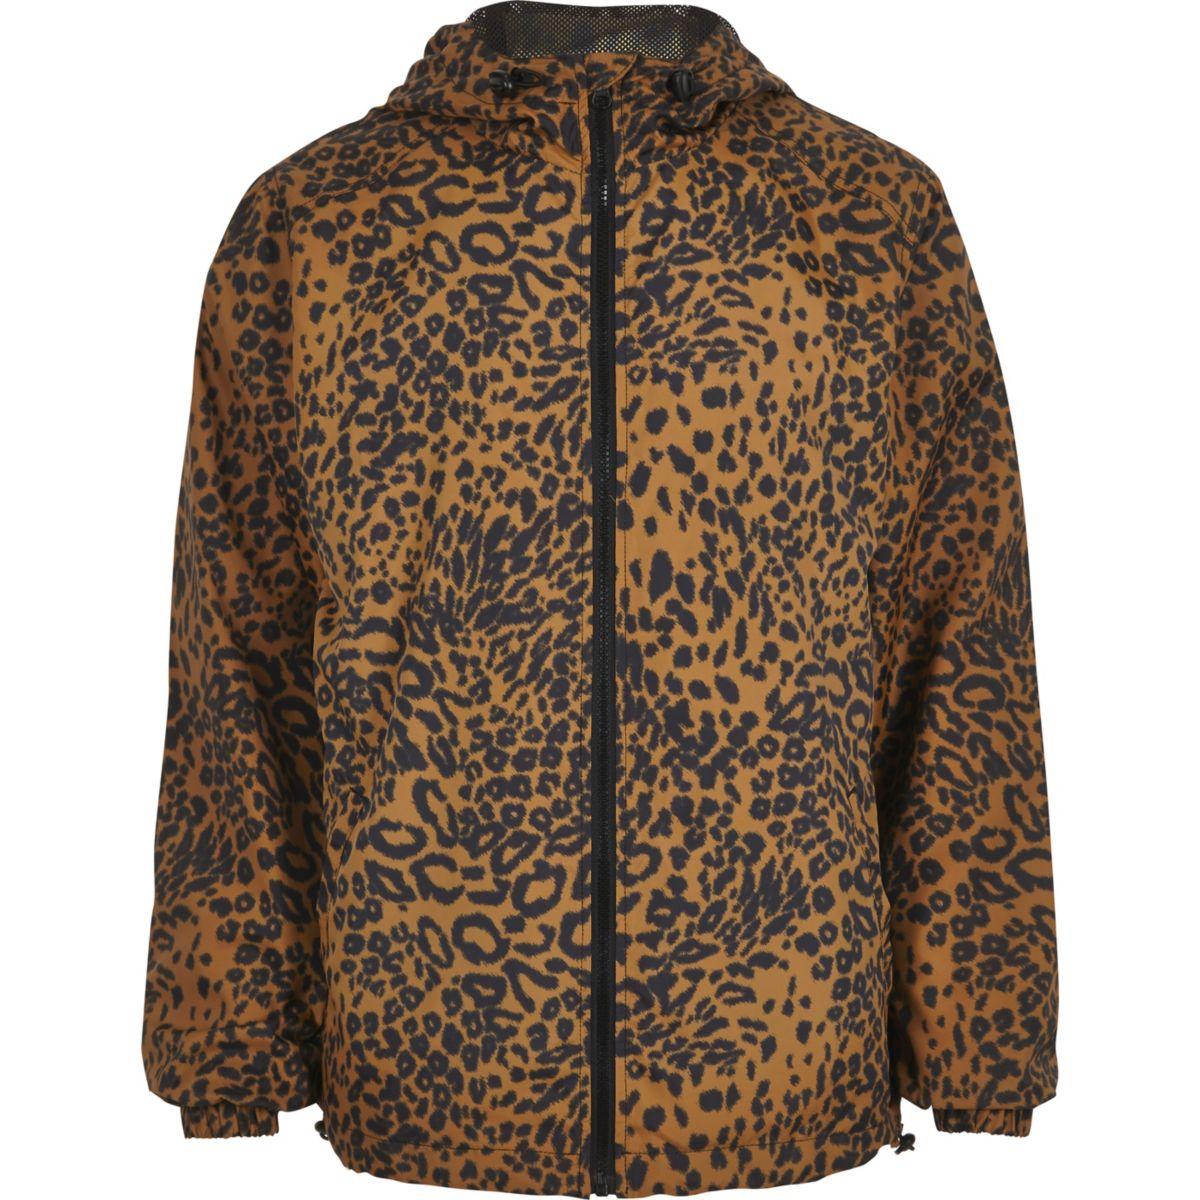 Brown leopard print hooded jacket